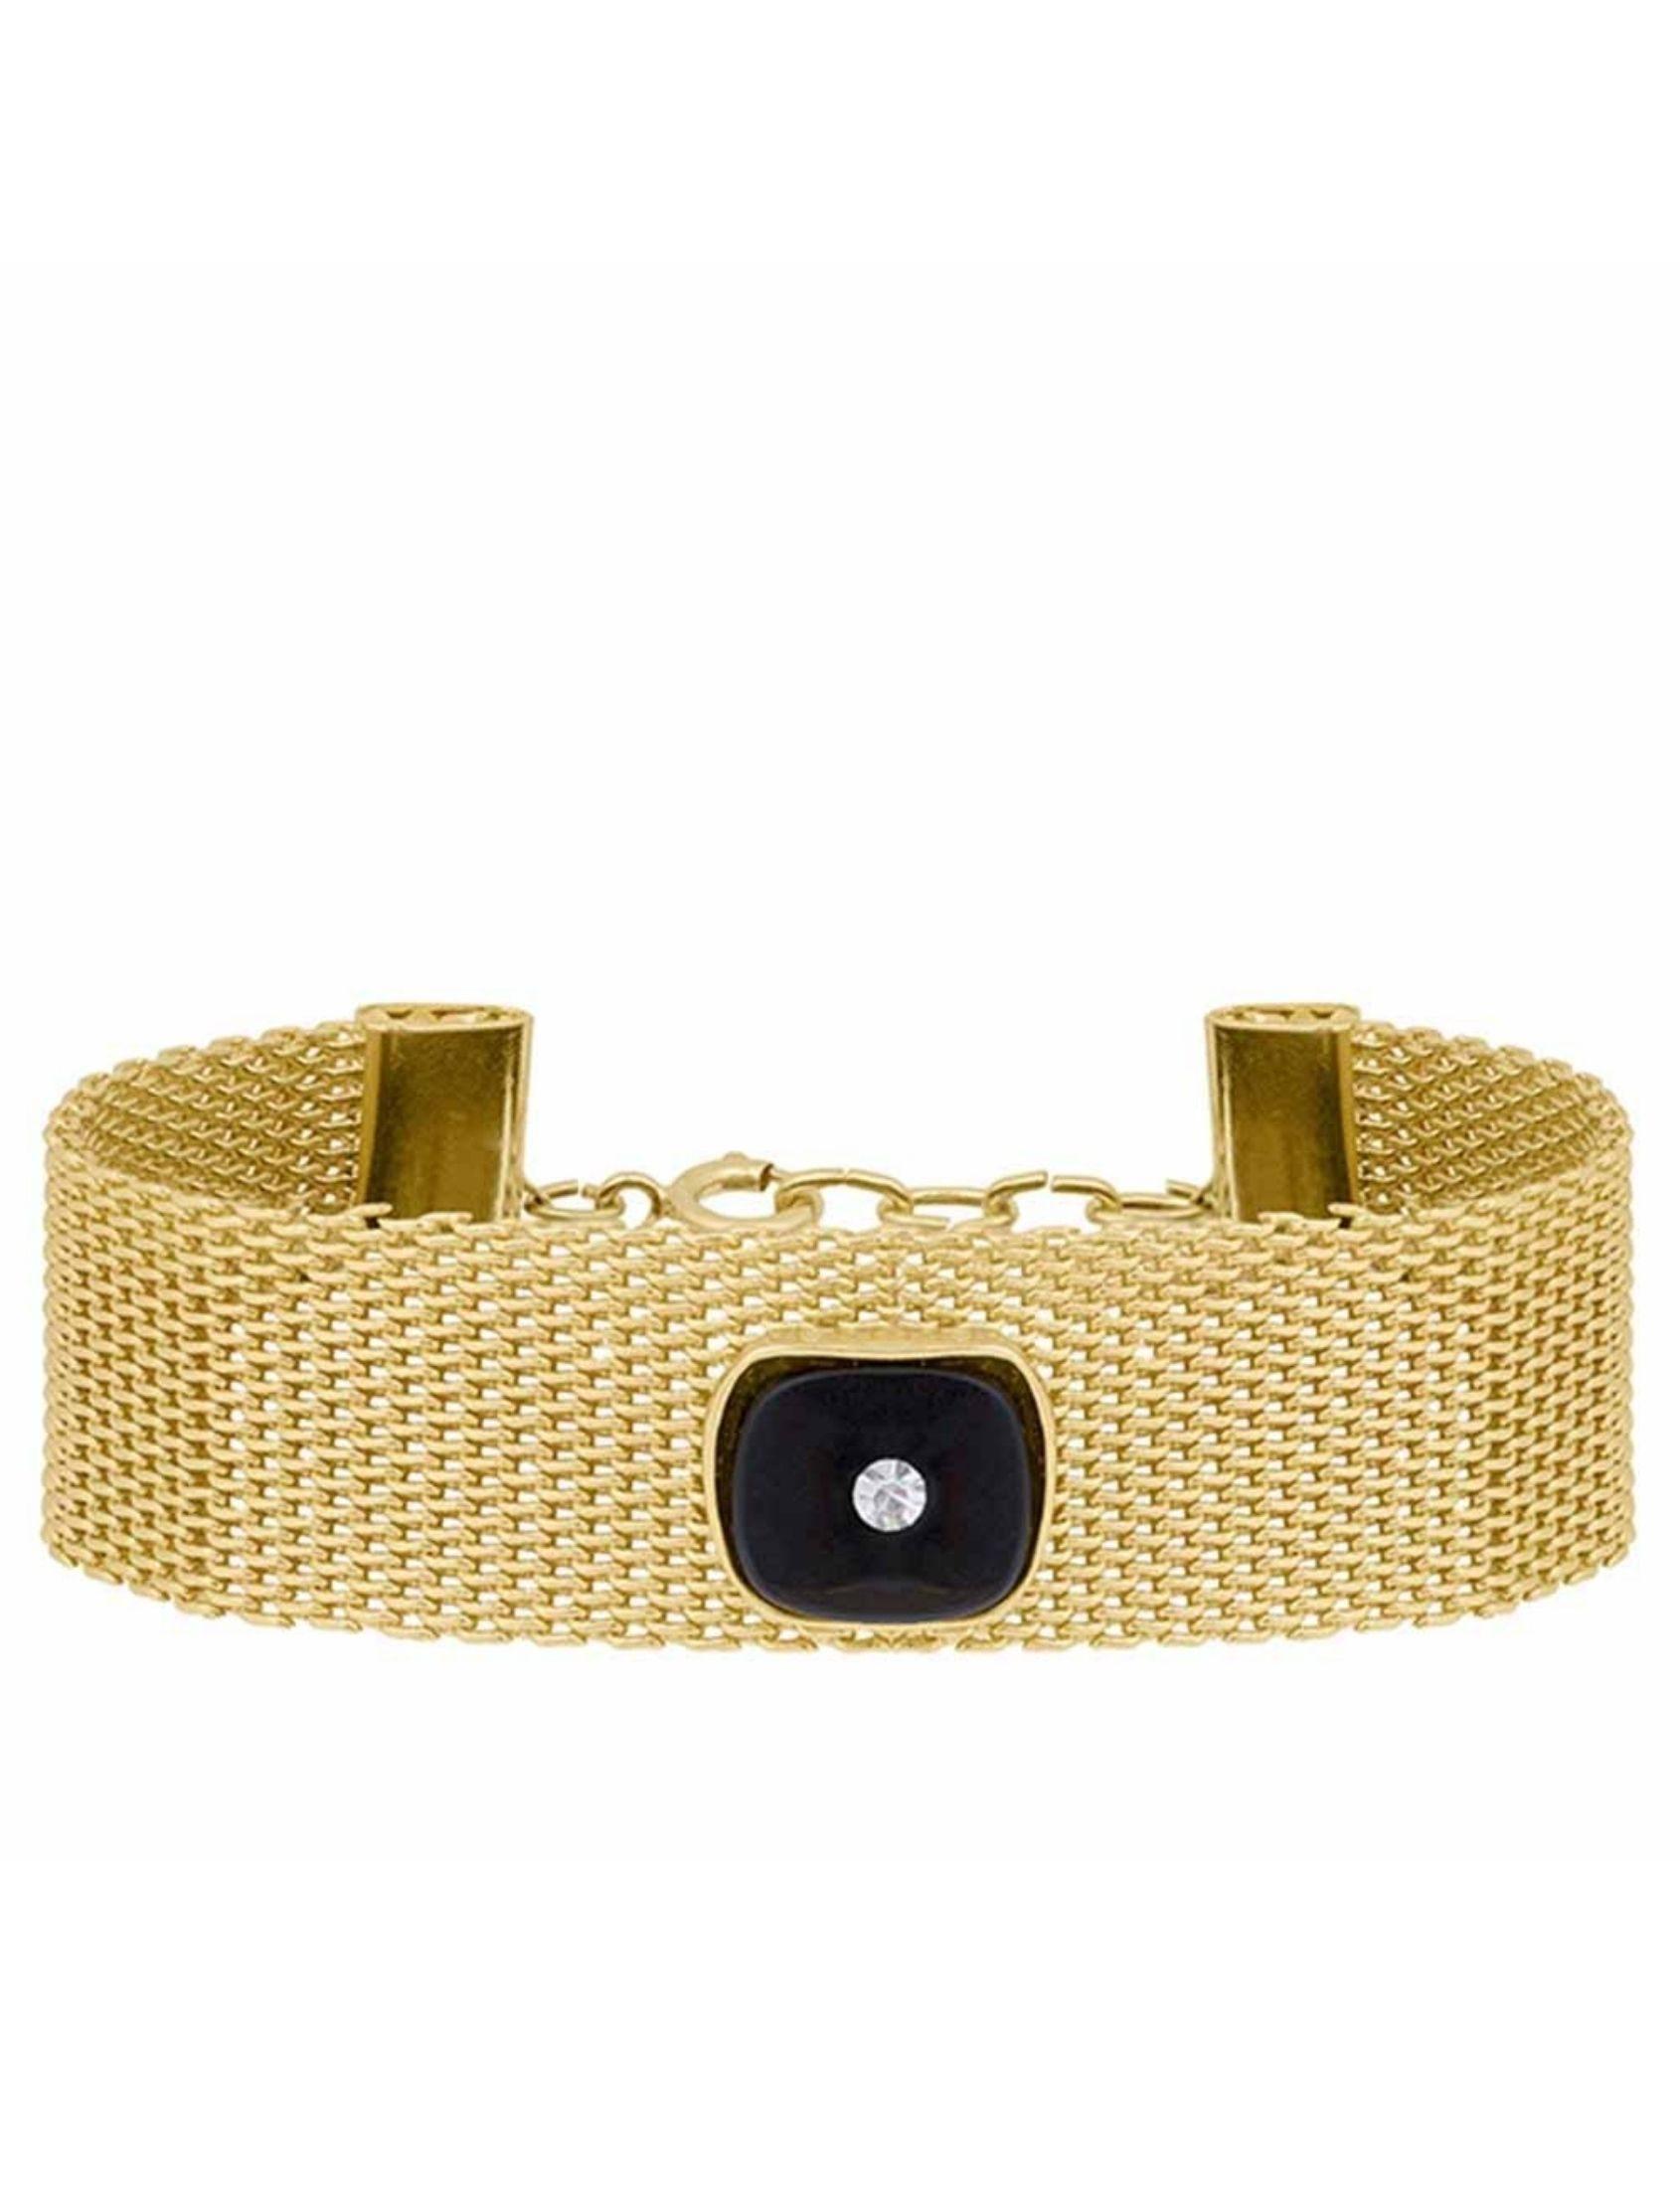 choker titanic de la marca omitouch en color oro con detalle de onix y brillante